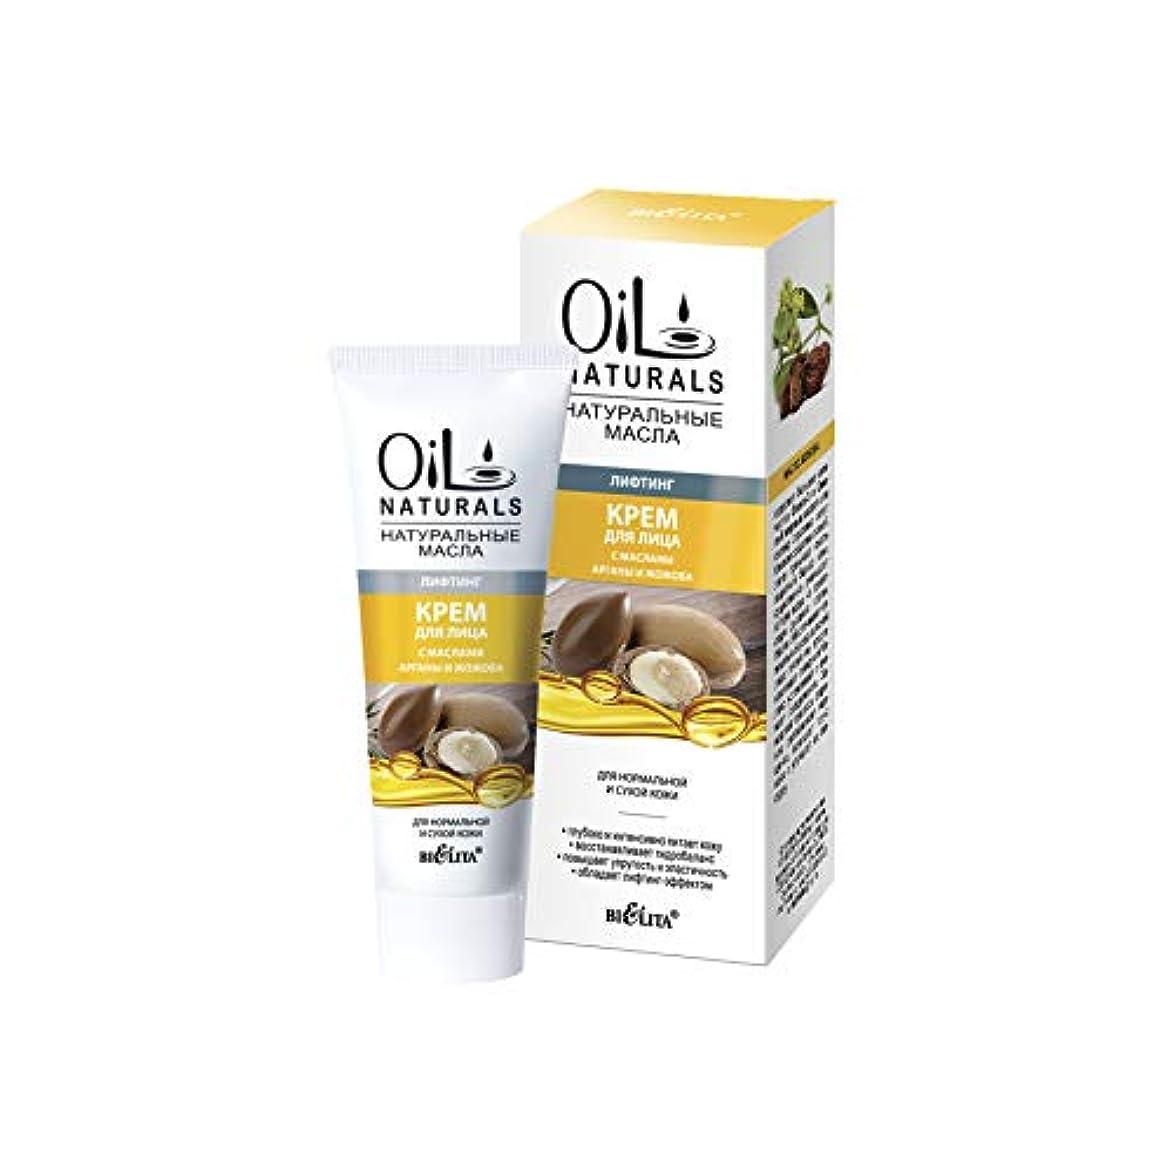 ローンハイブリッドキャンベラBielita & Vitex | Argan Oil, Jojoba Oil Moisturising Cream for the Face 50ml | Intensive Moisturizer With Natural...